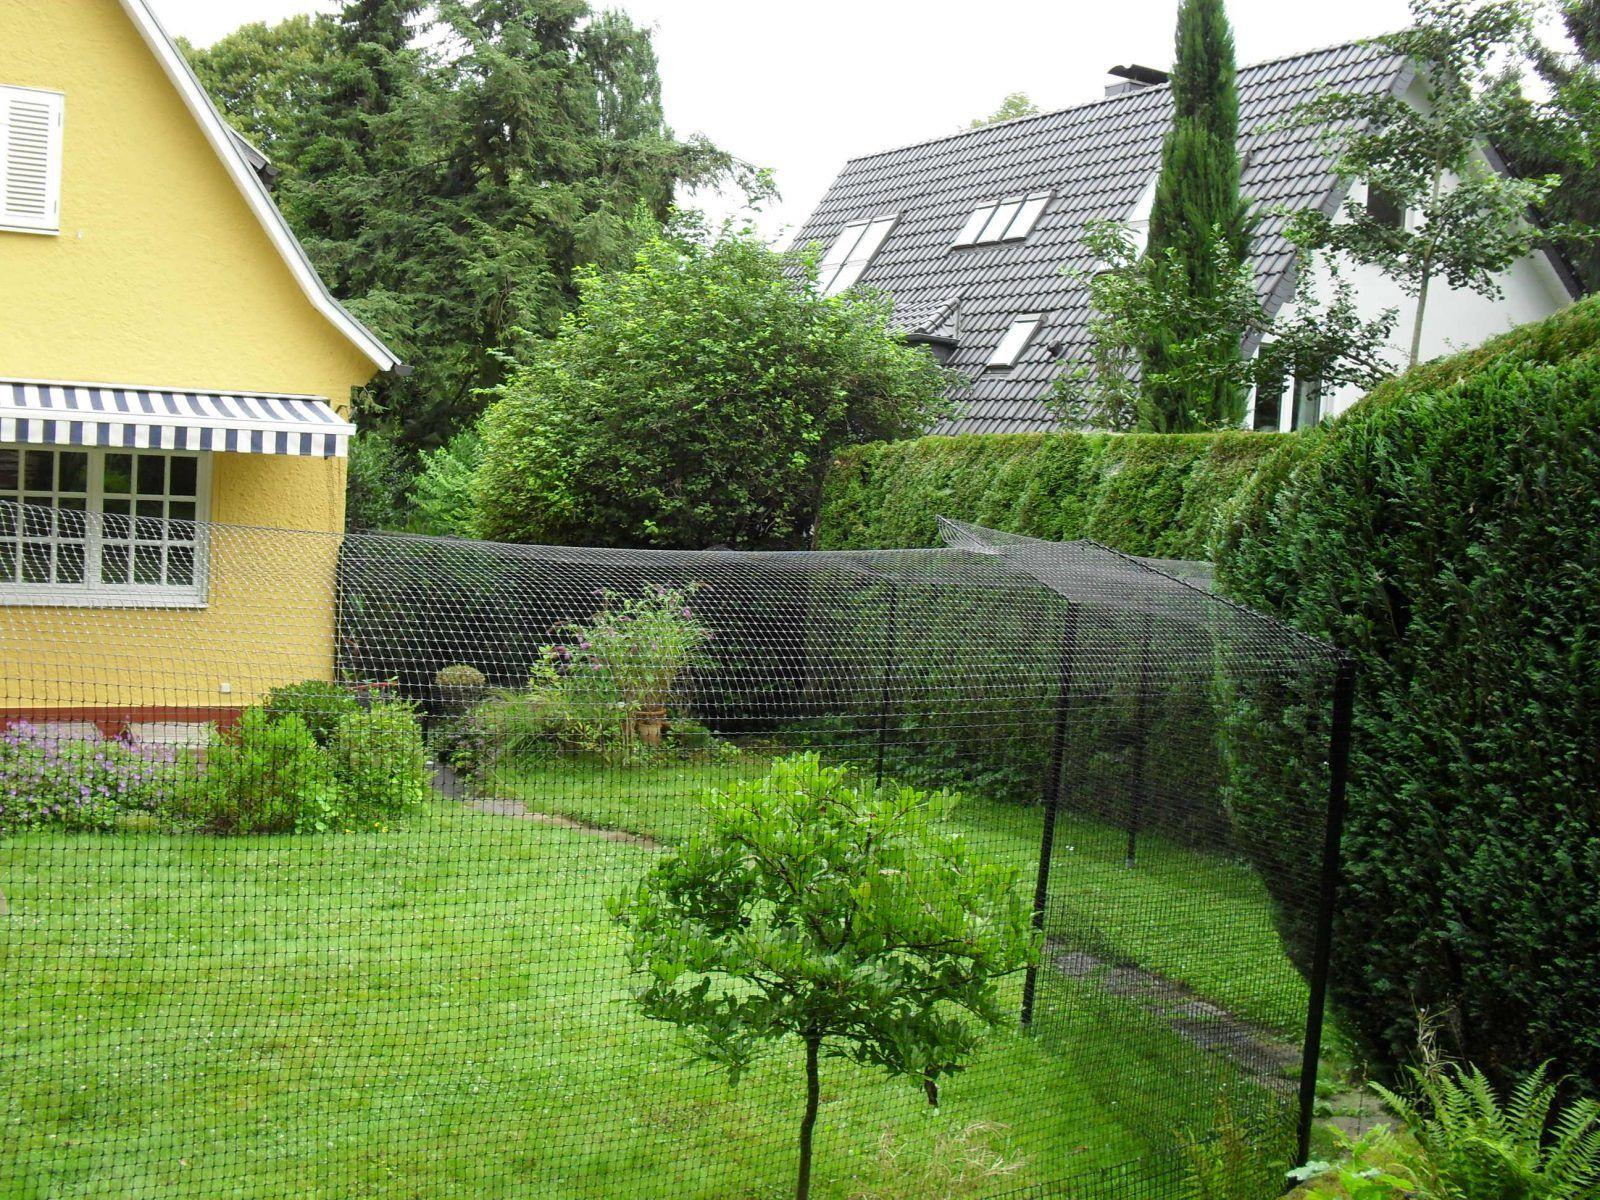 katzengehege system zur gartensicherung | katzen | pinterest